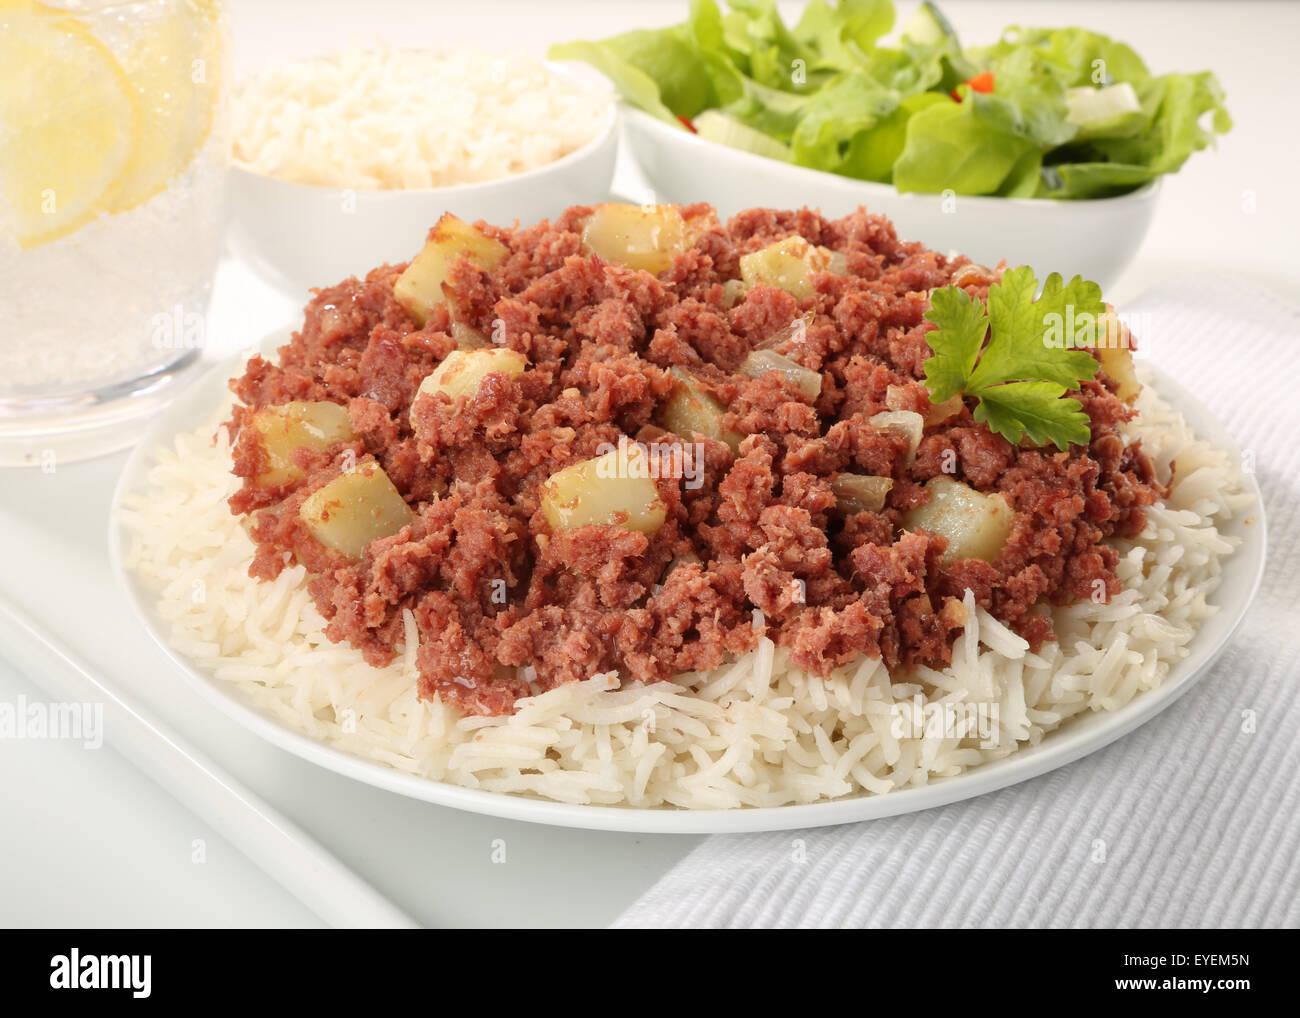 Traditionnel CLASSIQUE LE CORNED BEEF HASH FICHE Photo Stock